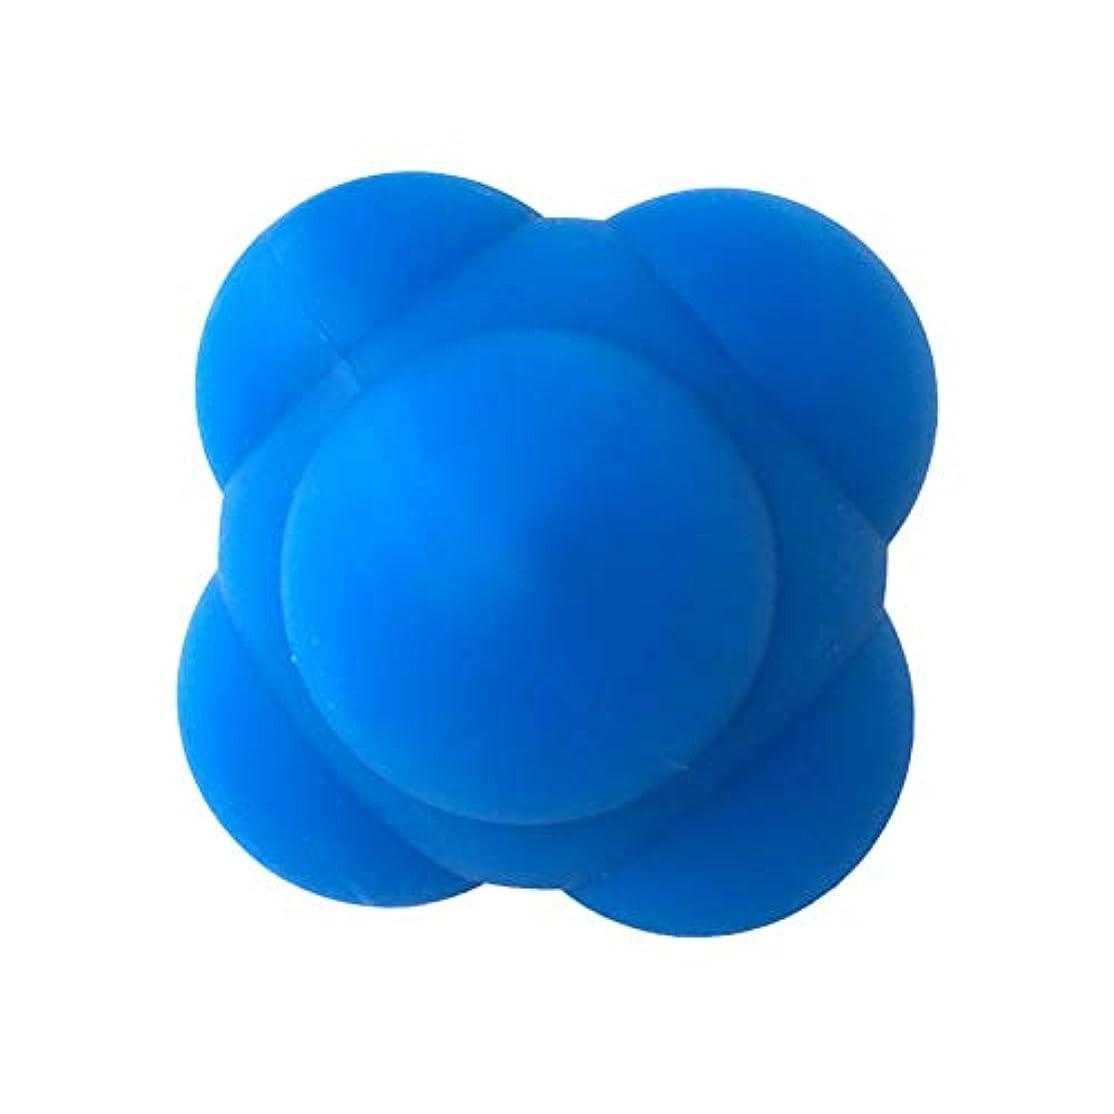 仲人深遠窒息させるHealifty 体の管理ボールスポーツシリコン六角形のボールソリッドフィットネストレーニングエクササイズリアクションボール素早さと敏捷性トレーニングボール6cm(青)